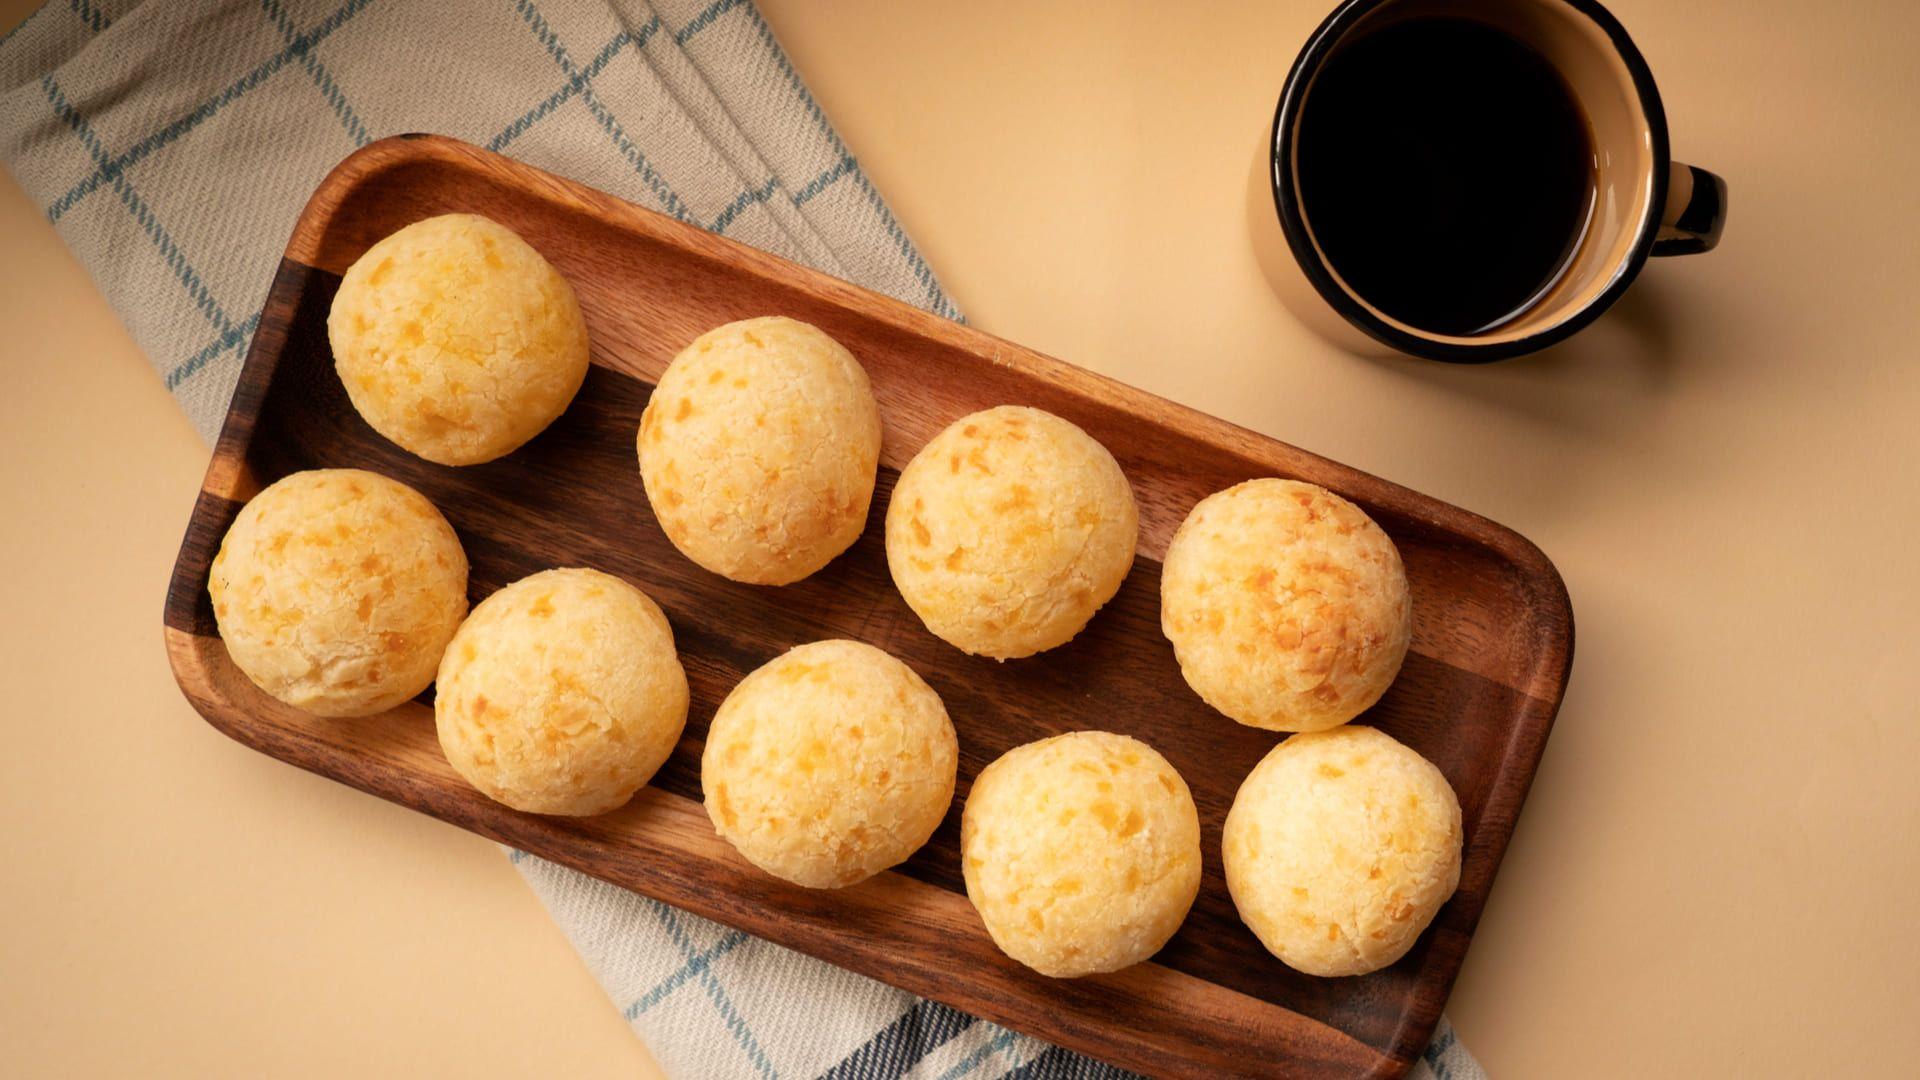 Confira a lista de ingredientes necessários para a receita de pão de queijo no liquidificador. (Imagem: Reprodução/Shutterstock)